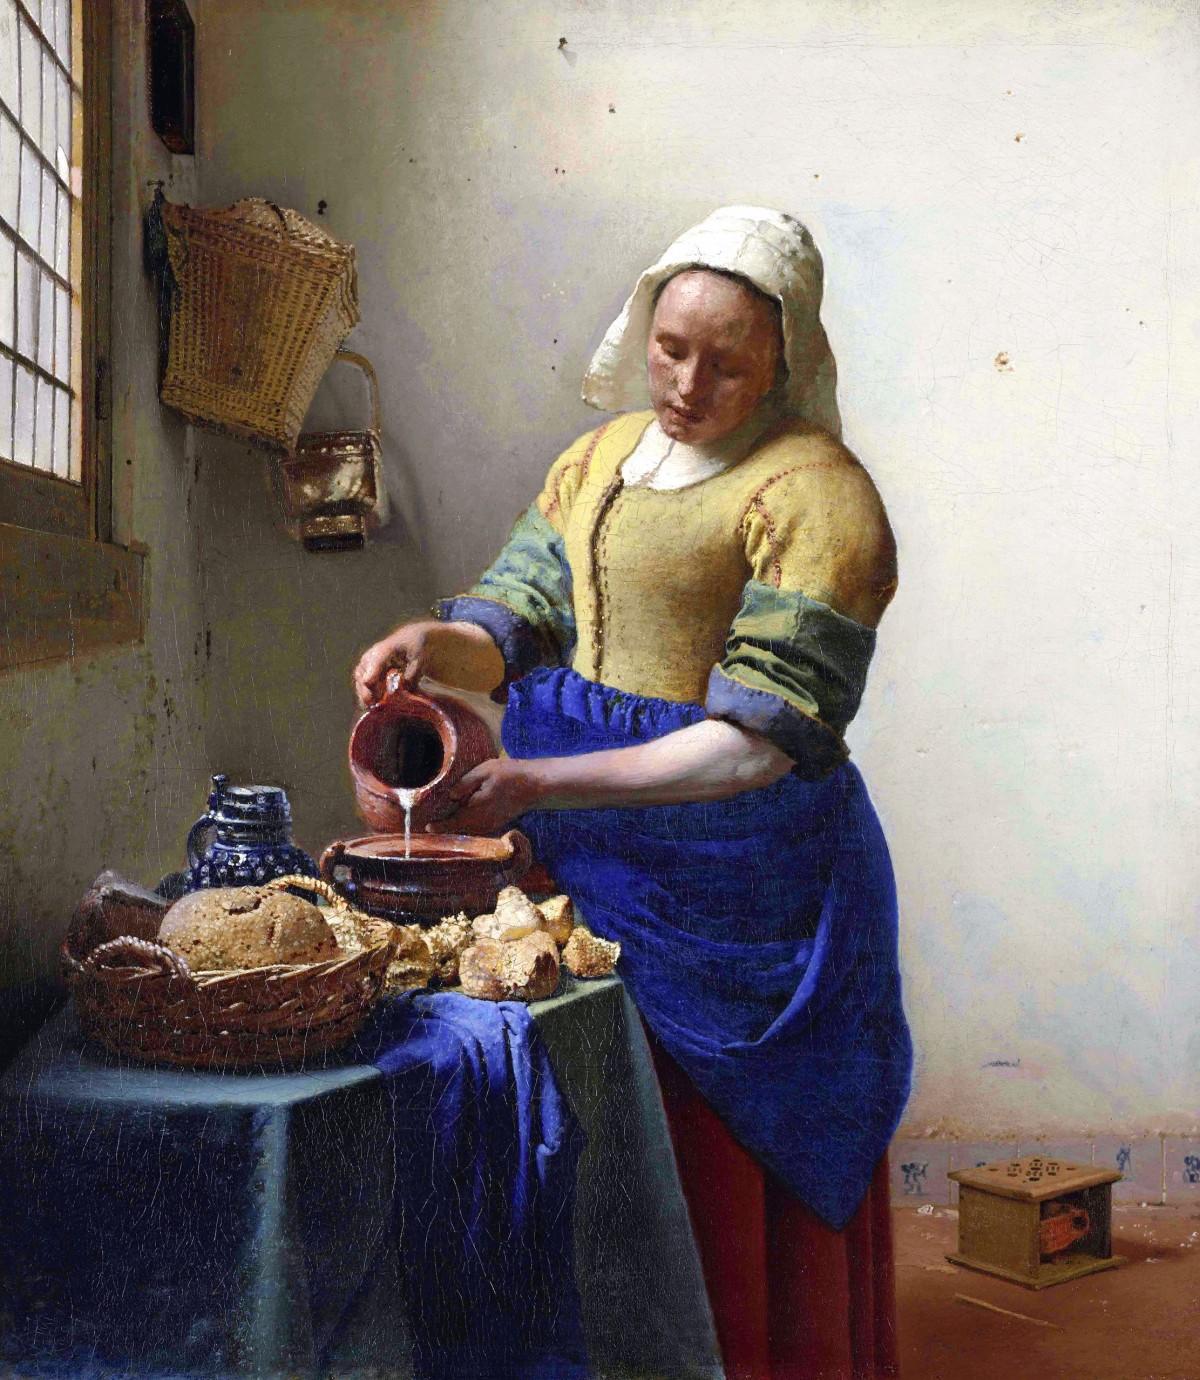 フェルメール:牛乳を注ぐ女 (1657-1958), ウルトラマリン使用